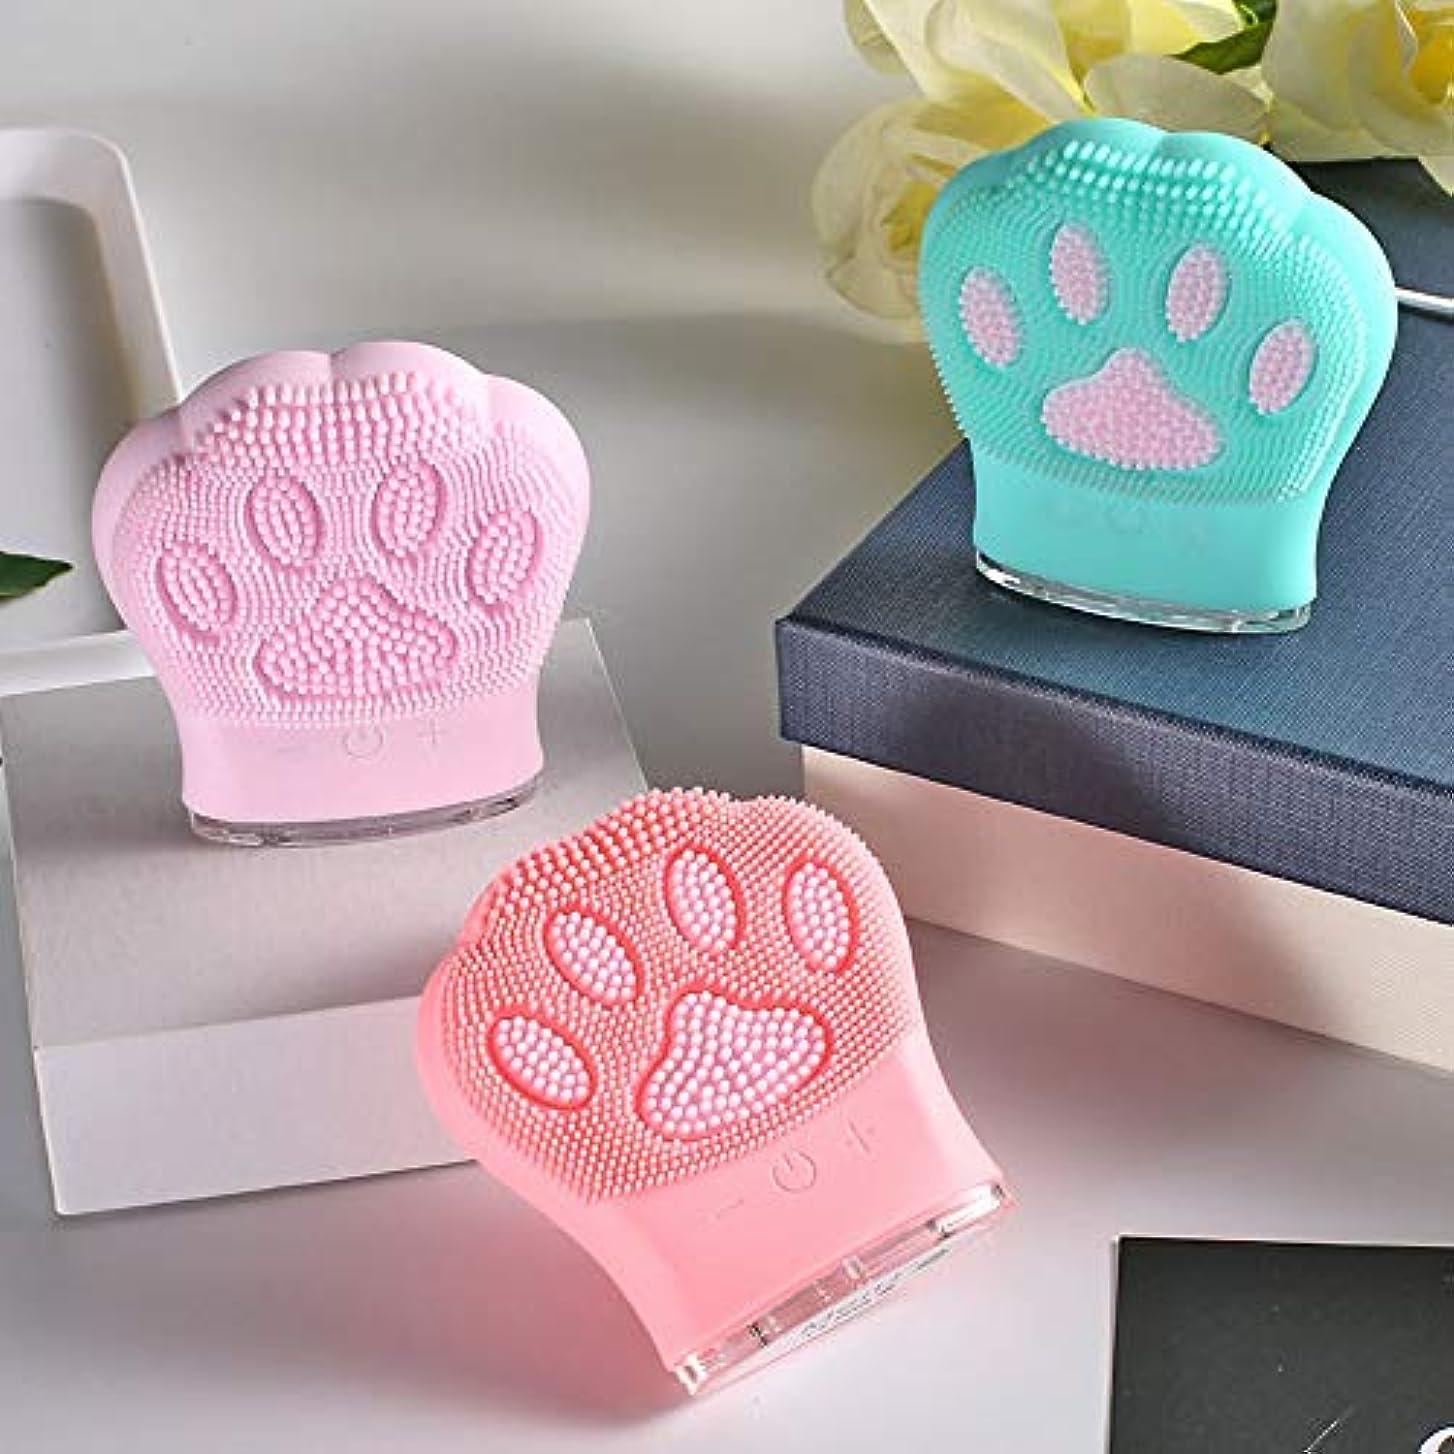 飼い慣らすうがい印象ZXF 新しい猫の爪形状シリコーンクレンジング楽器超音波充電洗顔器具ガールフレンド小さなギフト洗浄ブラシピンク赤青セクション 滑らかである (色 : Pink)